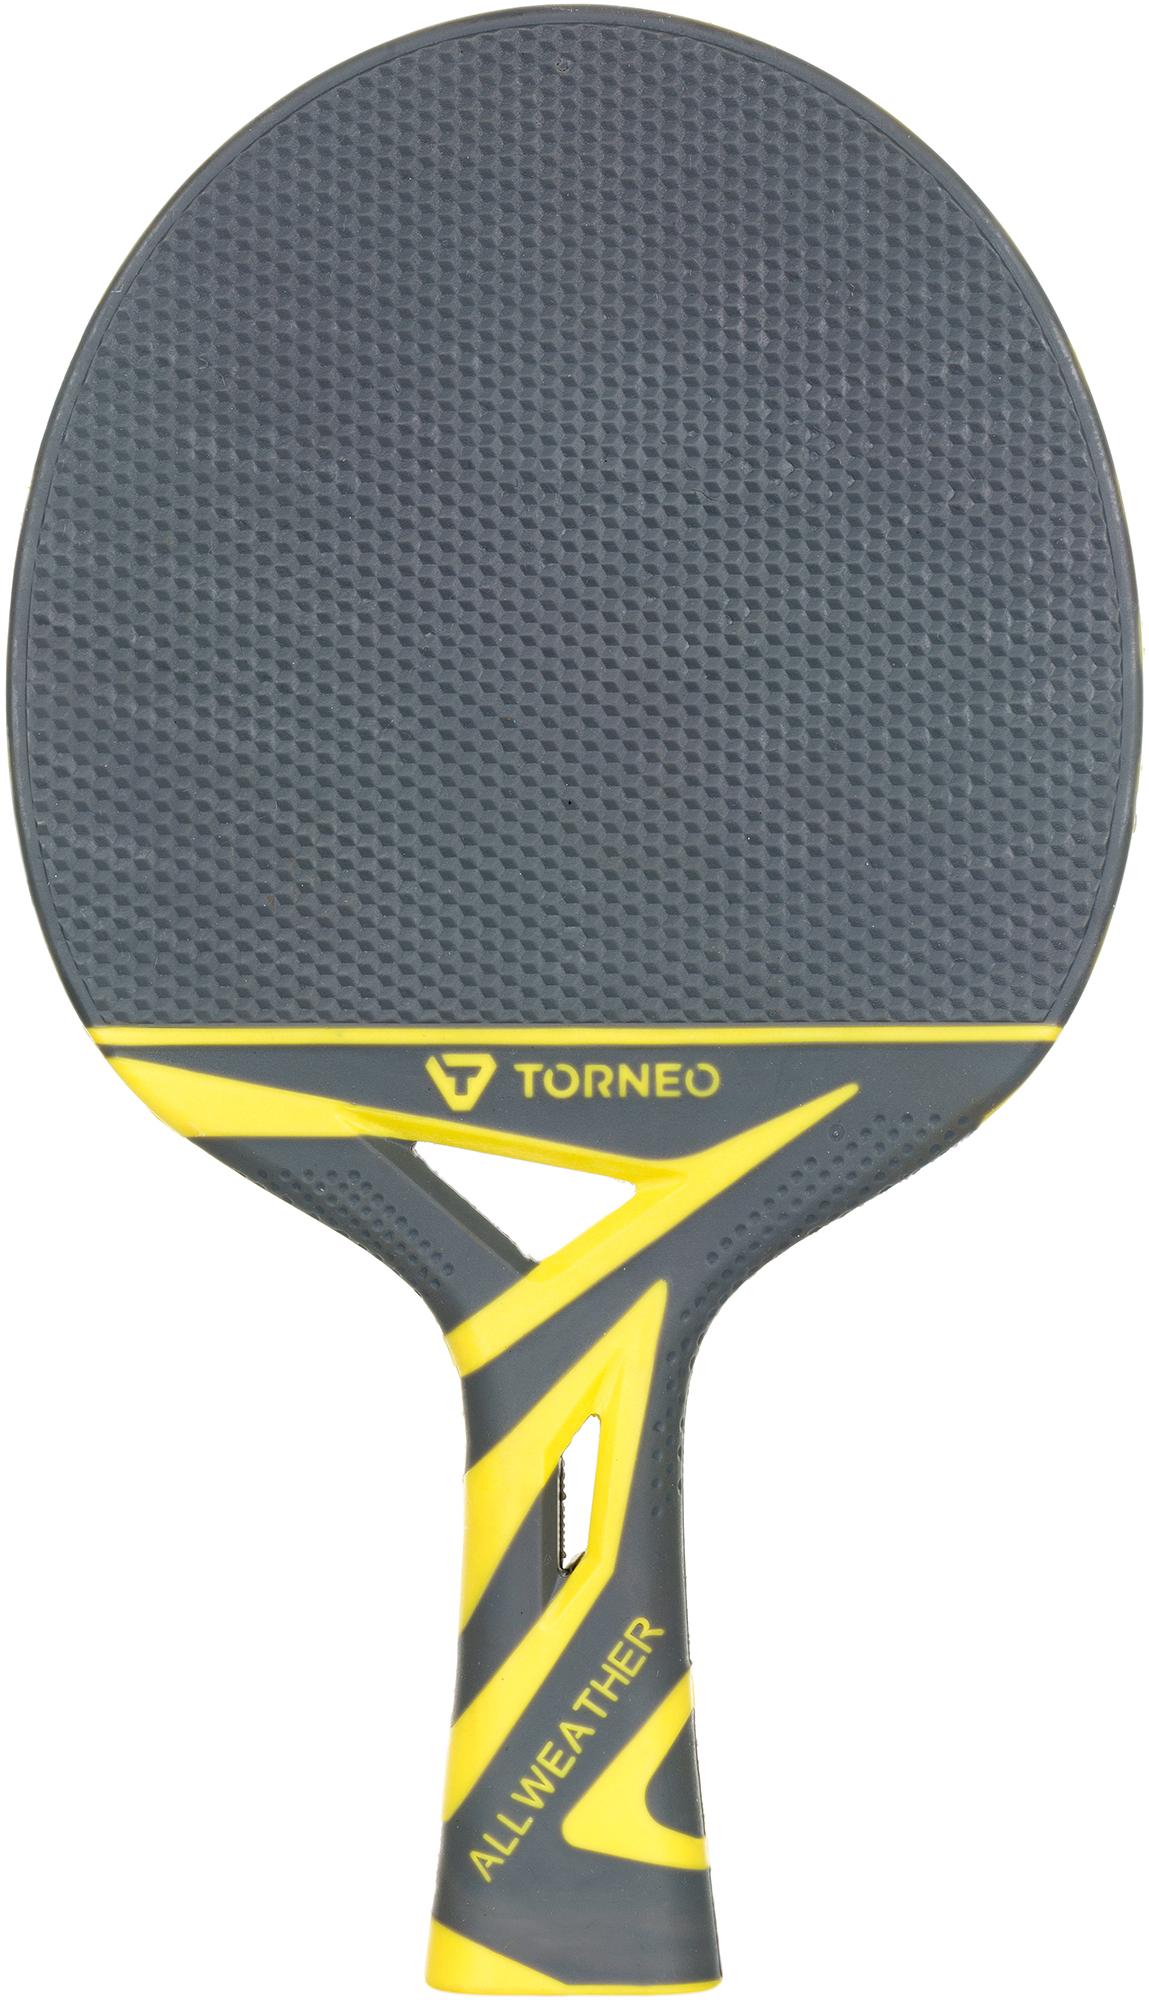 Torneo Ракетка для настольного тенниса Torneo Stormx, размер Без размера